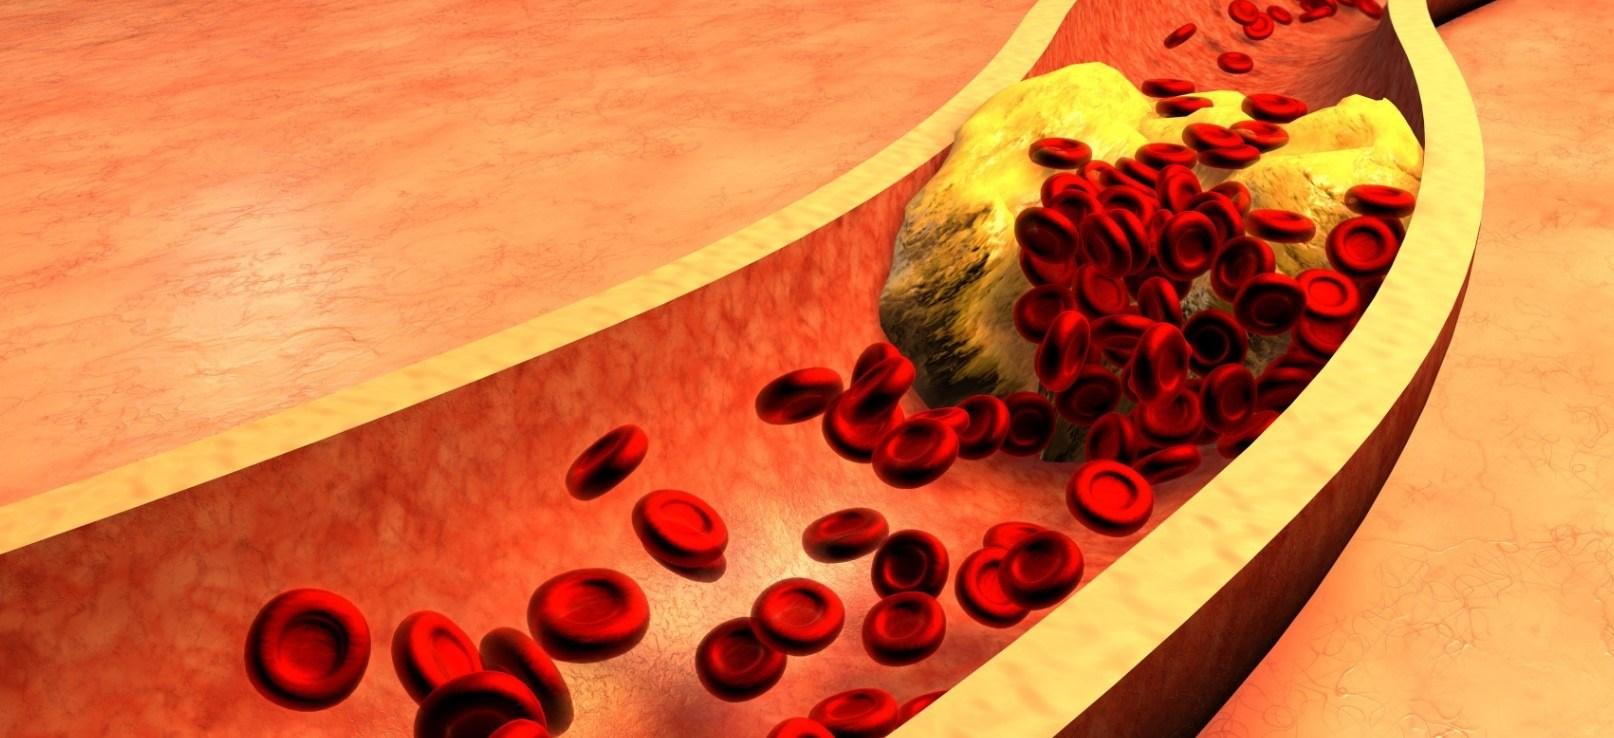 Kolesterol Nedir? Nasıl Düşürülür?